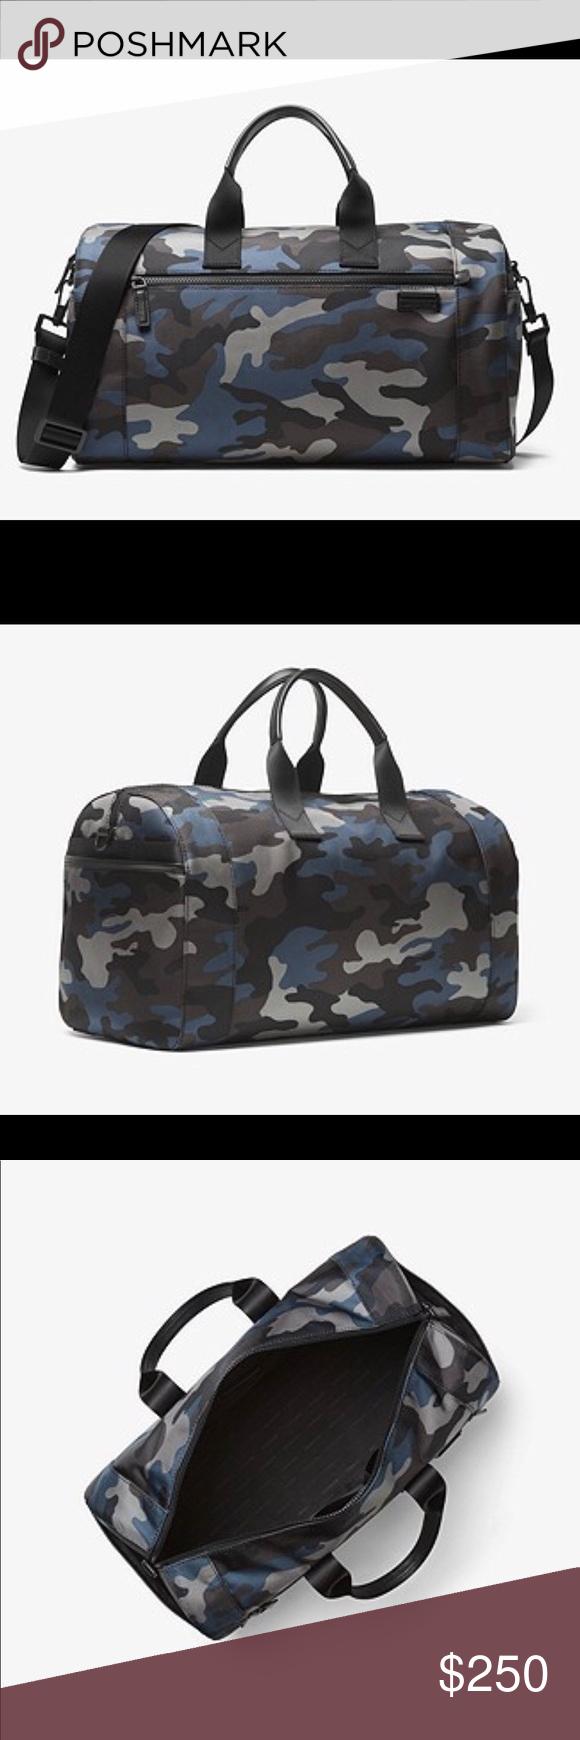 69636a109169 MK Men s Large Nylon Duffle Michael Kors Men s Travis Camouflage Large Nylon  Duffle Bag Michael Kors Bags Duffel Bags